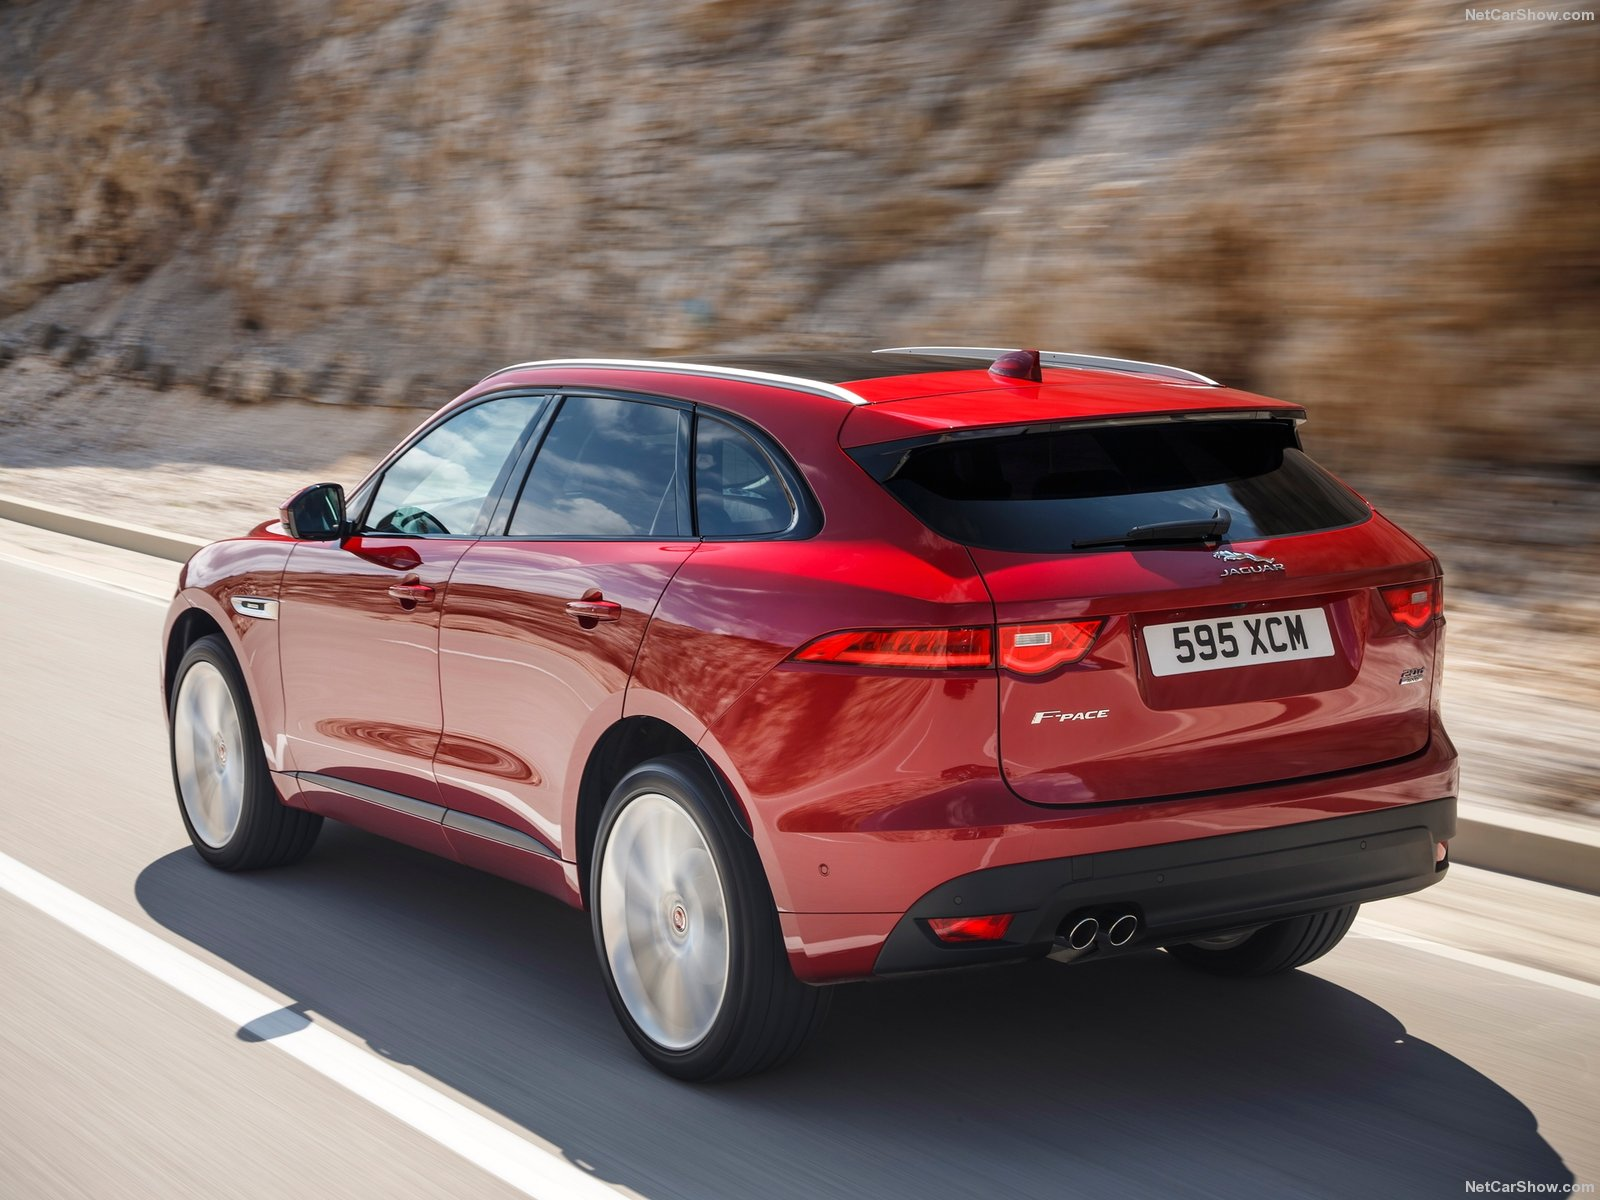 Jaguar-F-Pace-2017-1600-77